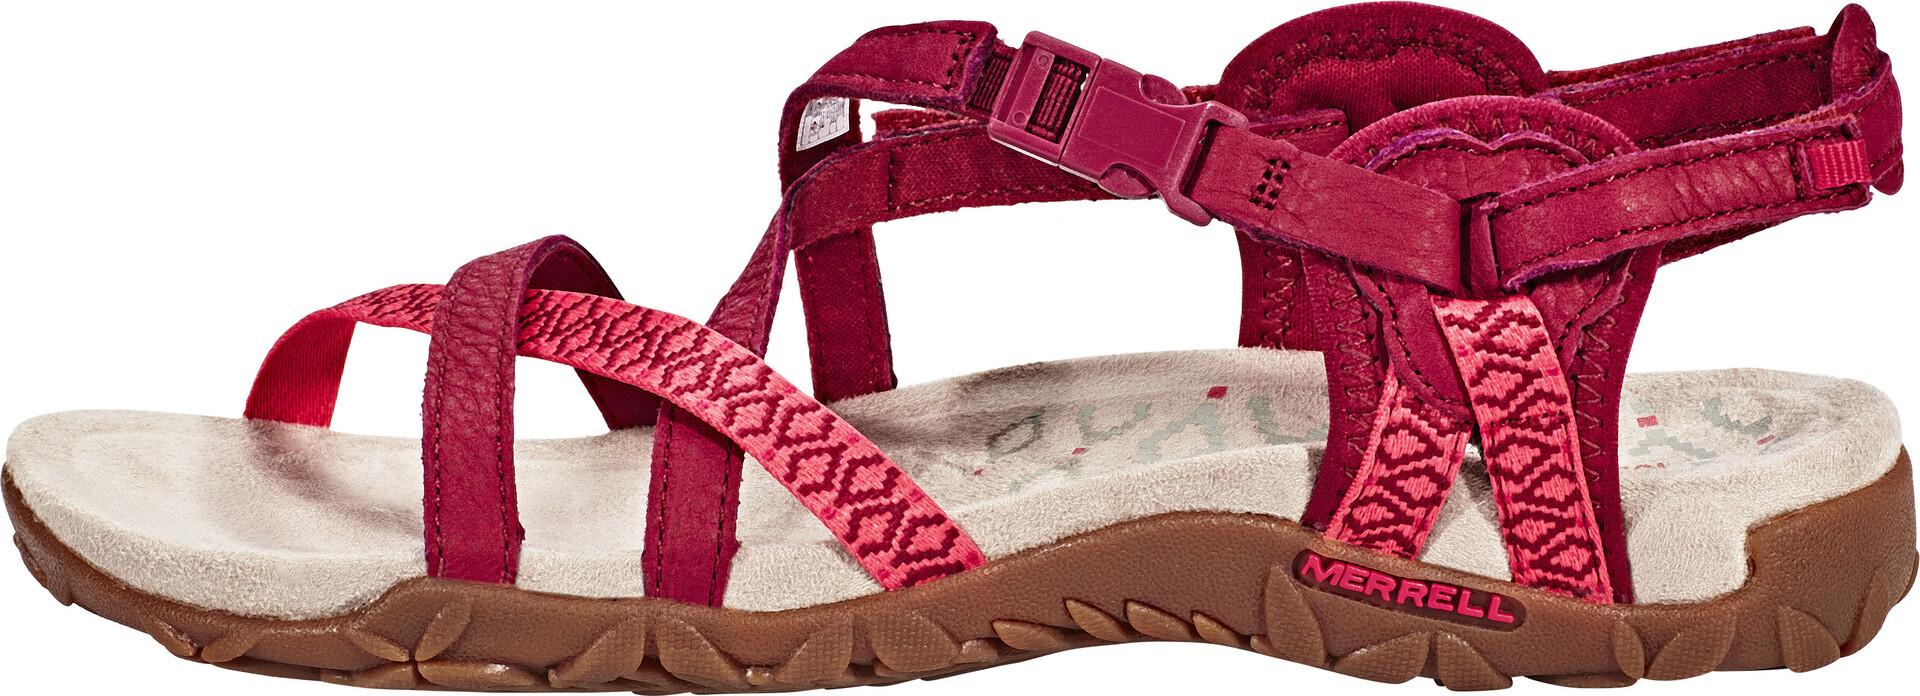 Merrell Terran Lattice II Schuhe Damen fuchsia